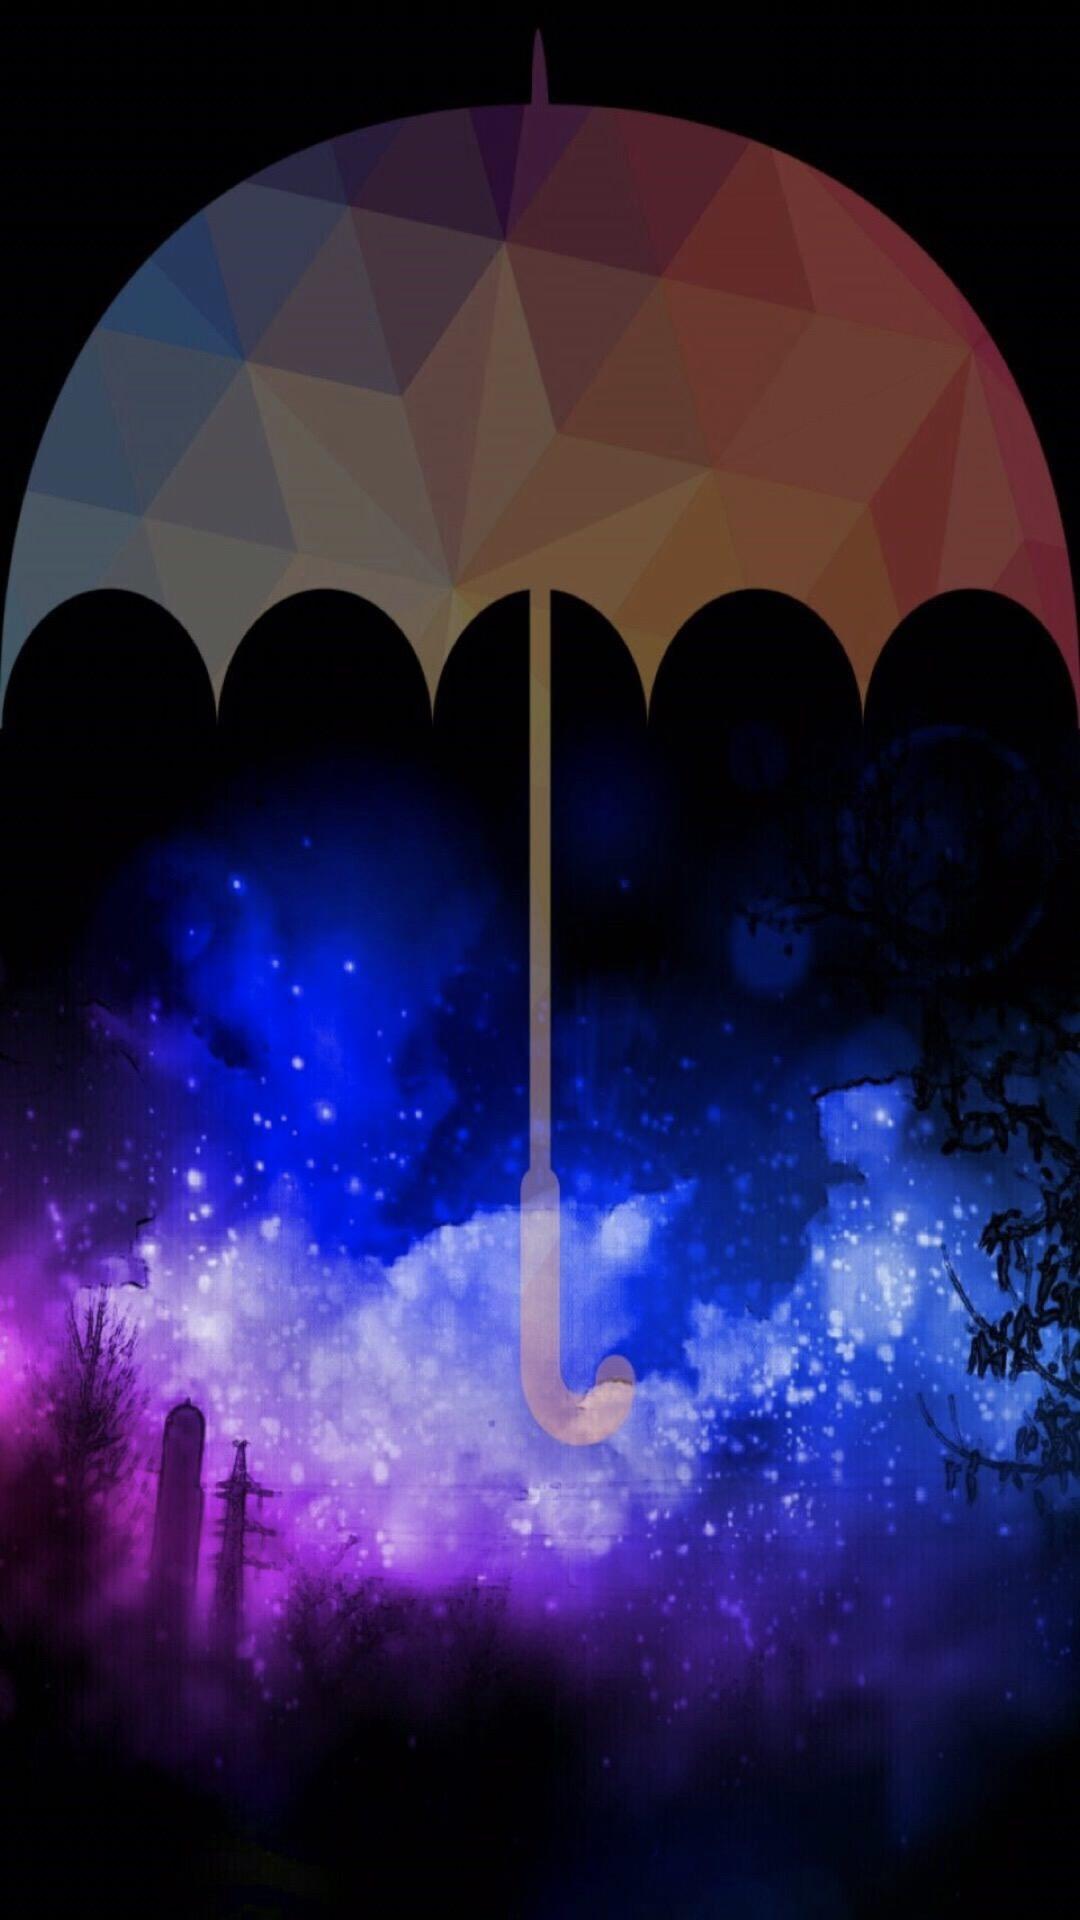 Payung Langit Malam Wallpaper Sc Iphone7plus